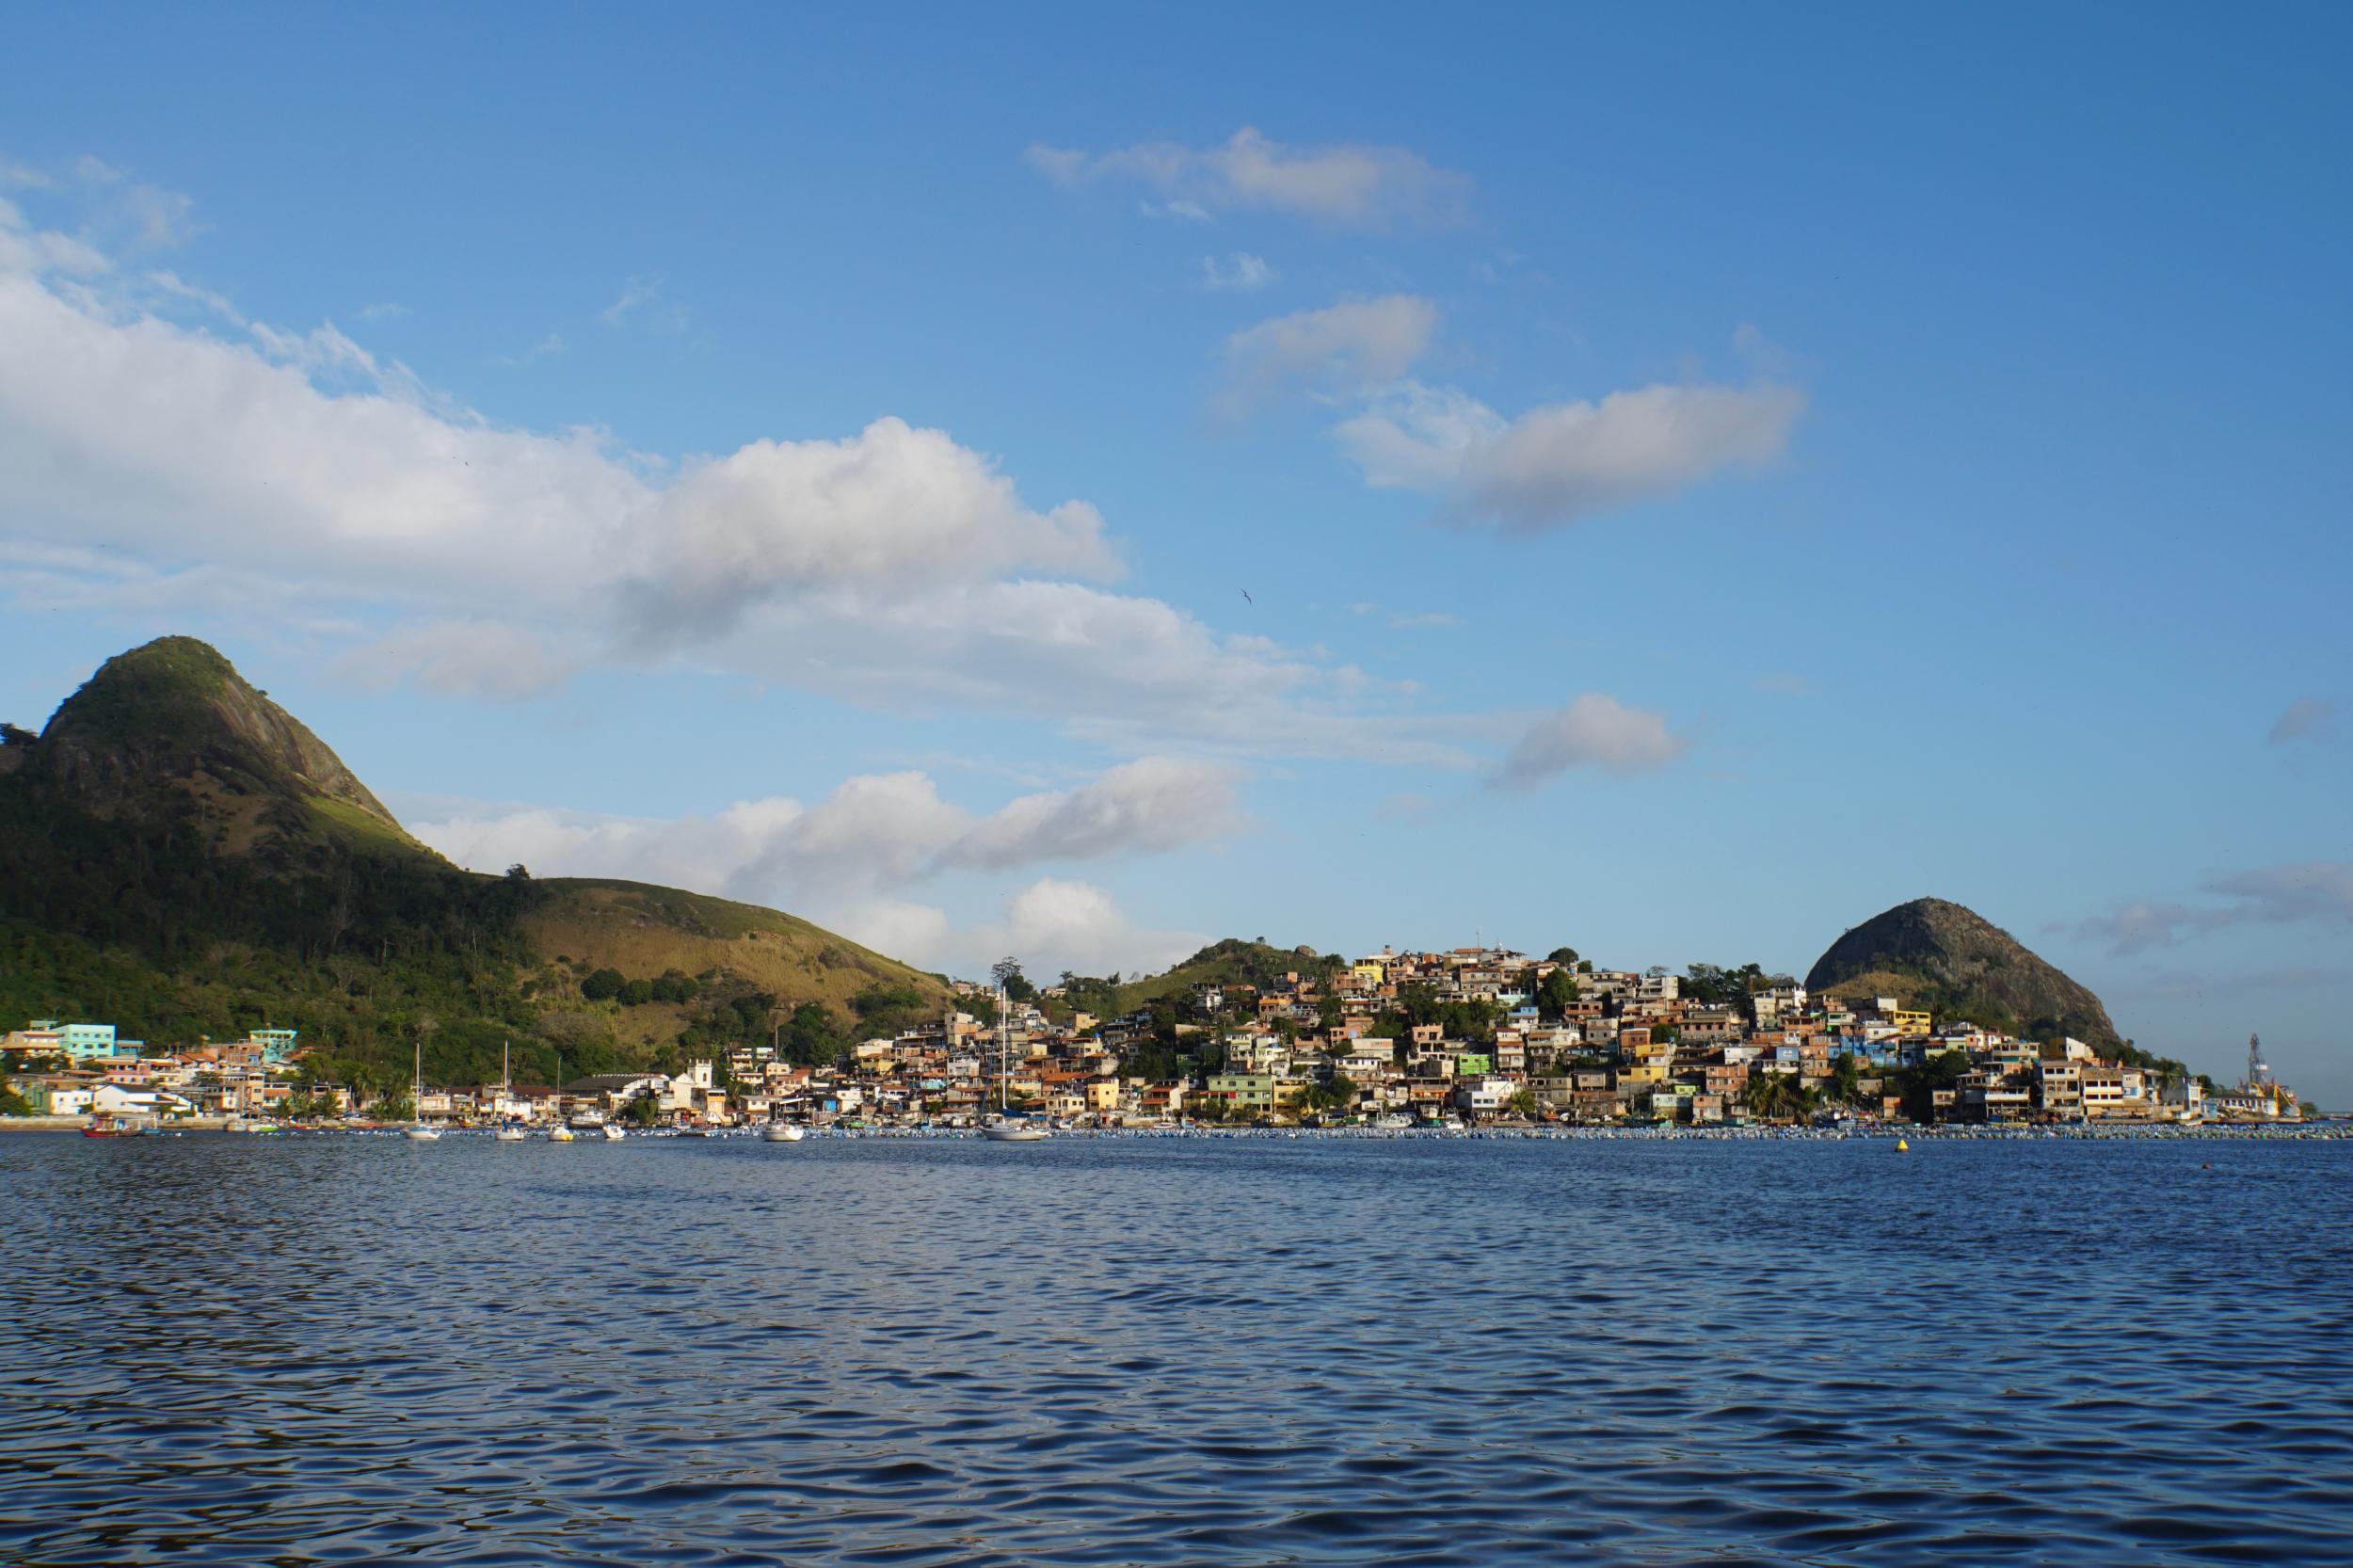 8. Favela near our marina